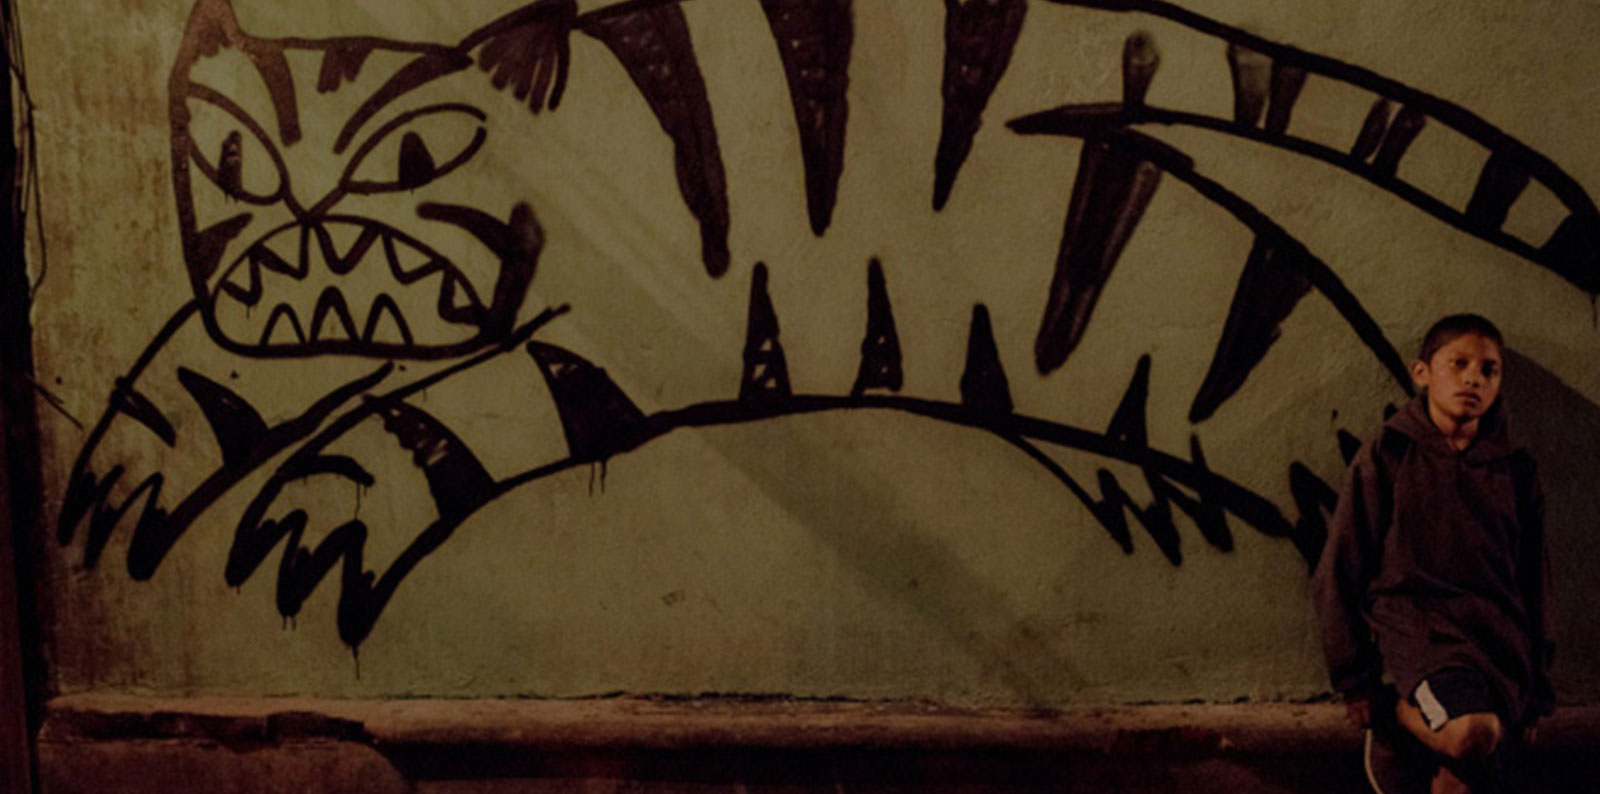 REV-TigersAreNotAfraid-1.jpg